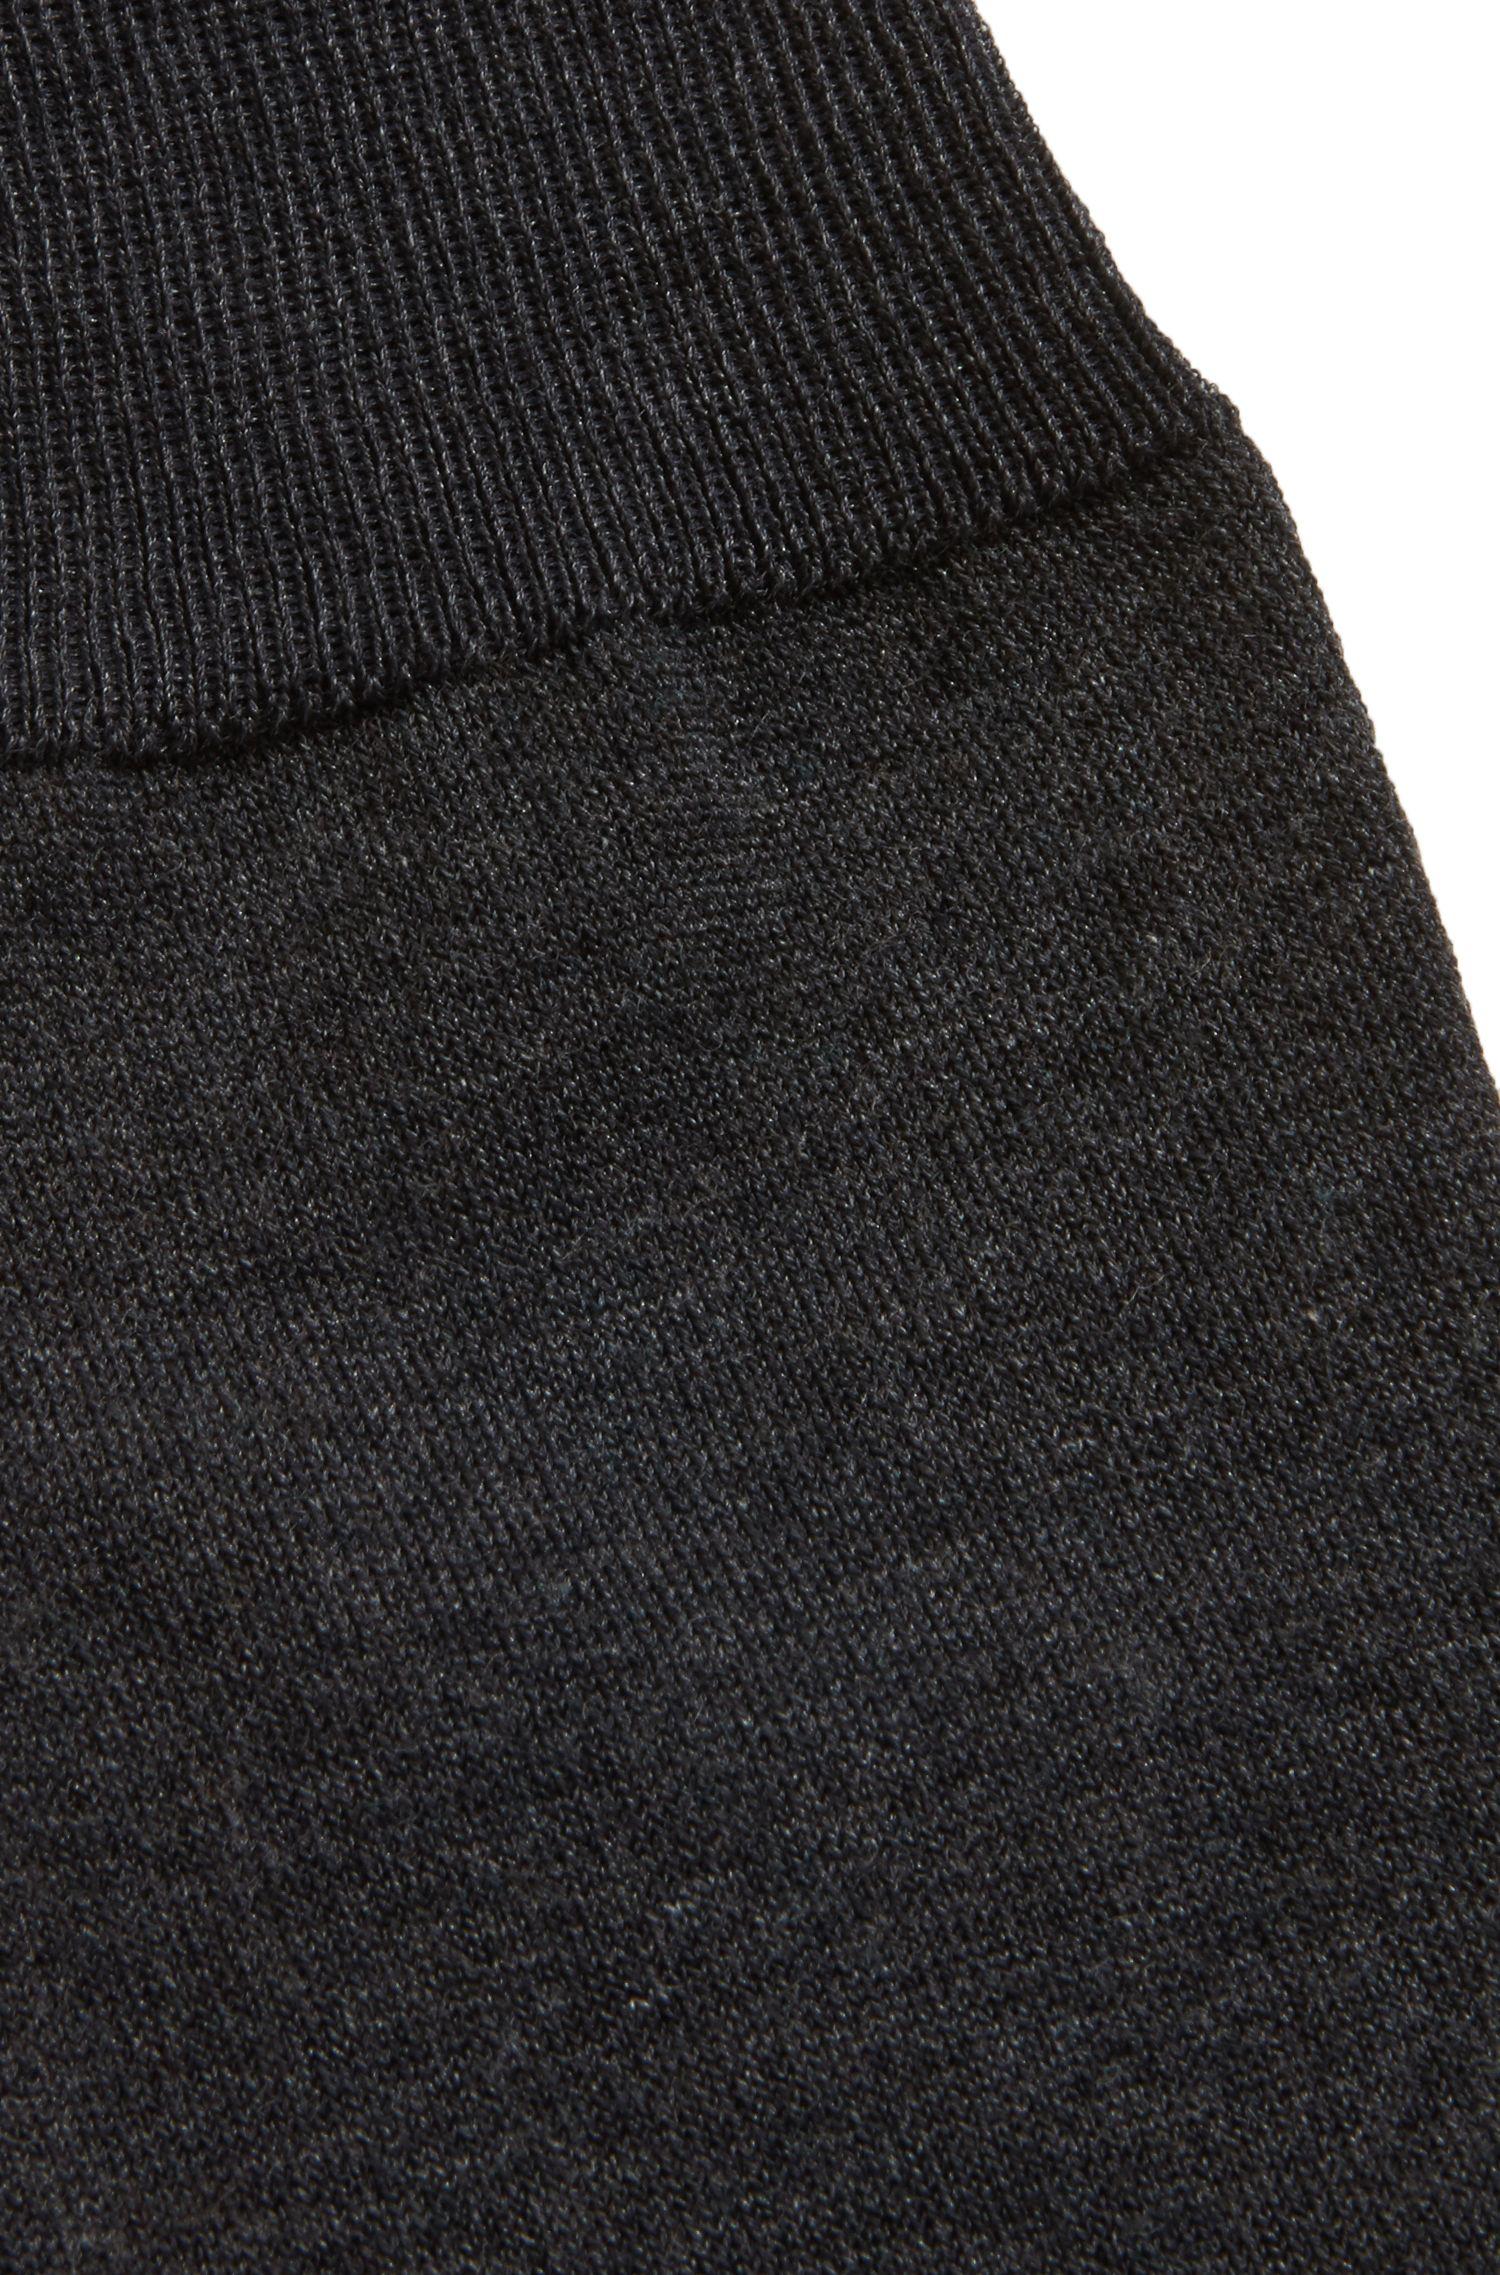 Calze al ginocchio in cotone elasticizzato mercerizzato, Grigio antracite